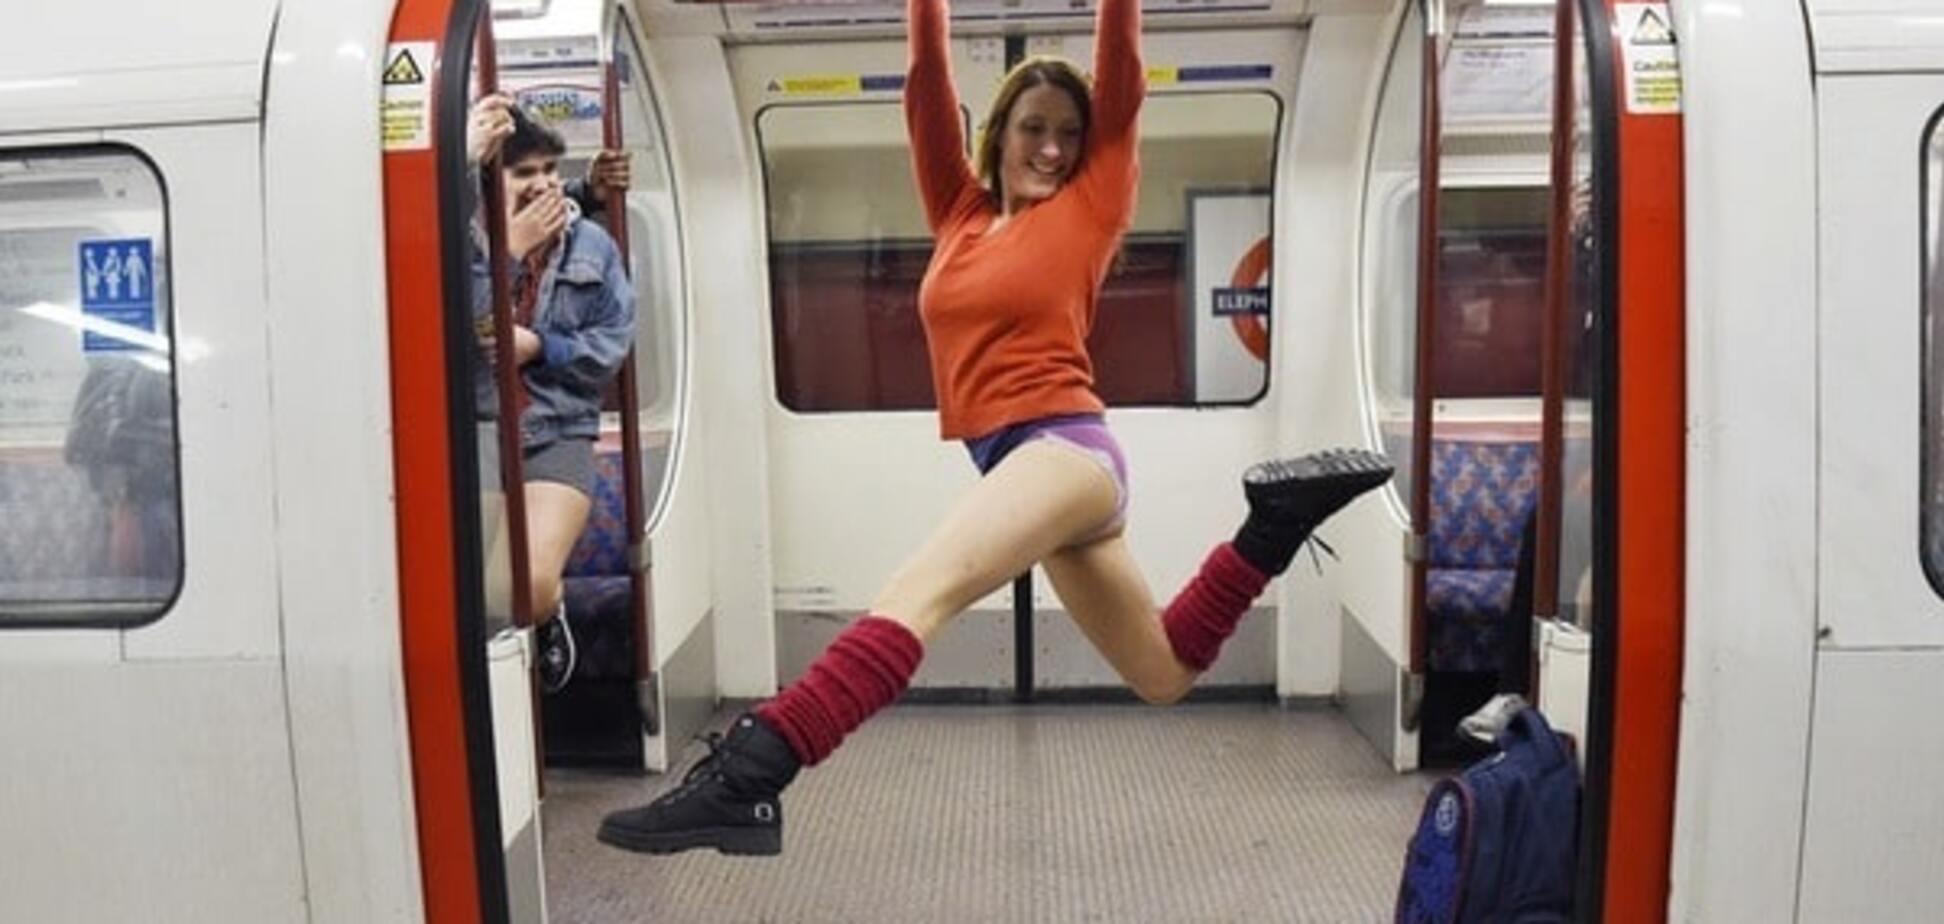 Лондонское метро захватили люди без штанов: веселый фоторепортаж